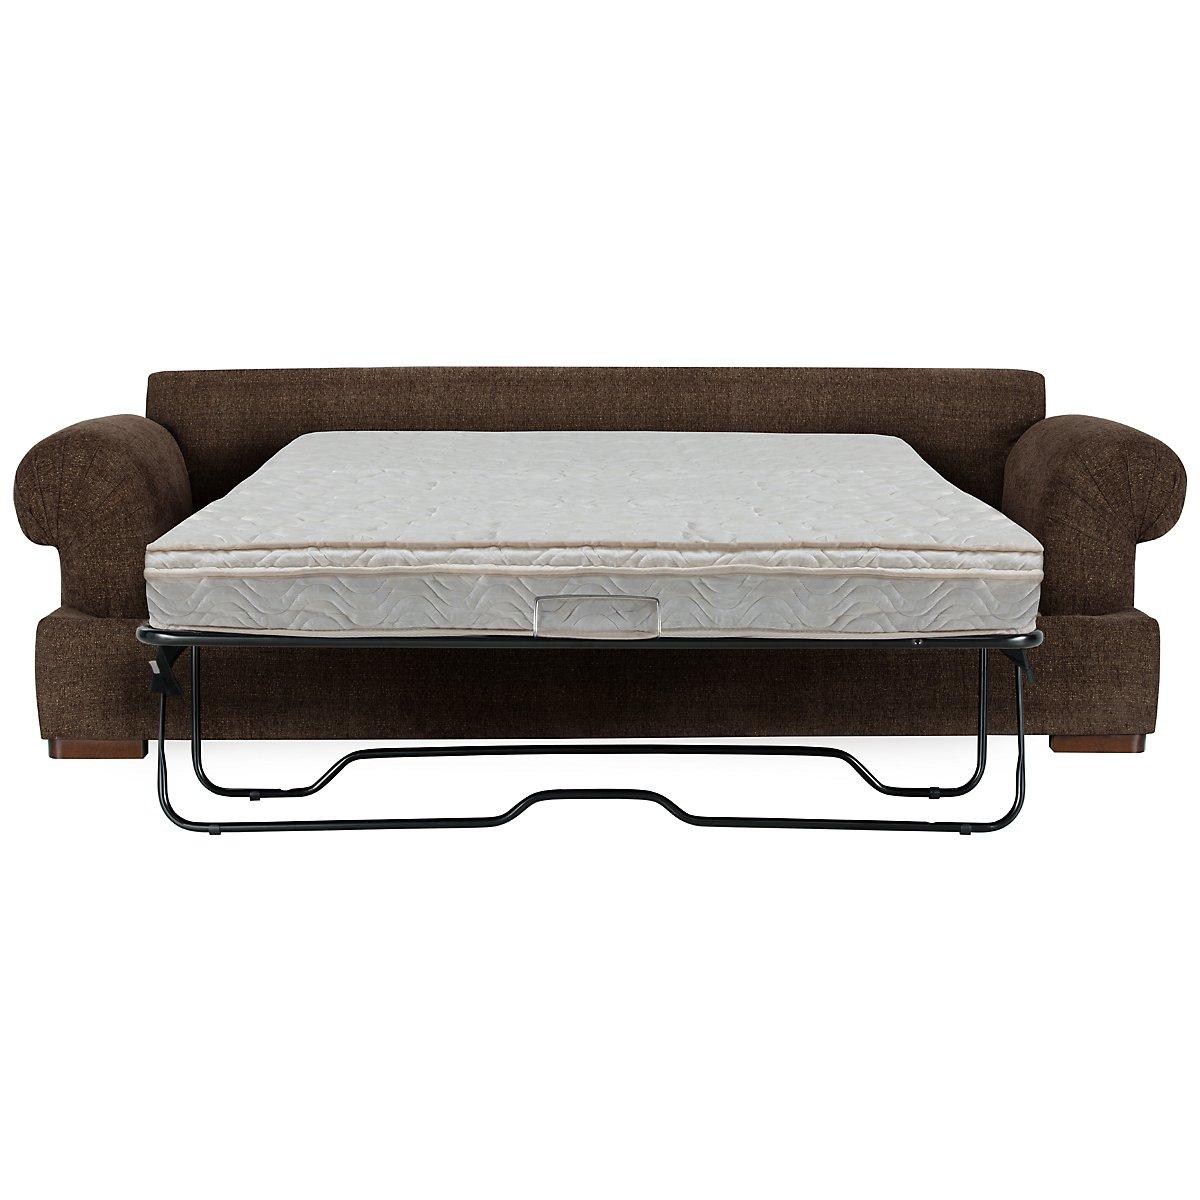 Belair Dark Brown Fabric Innerspring Sleeper